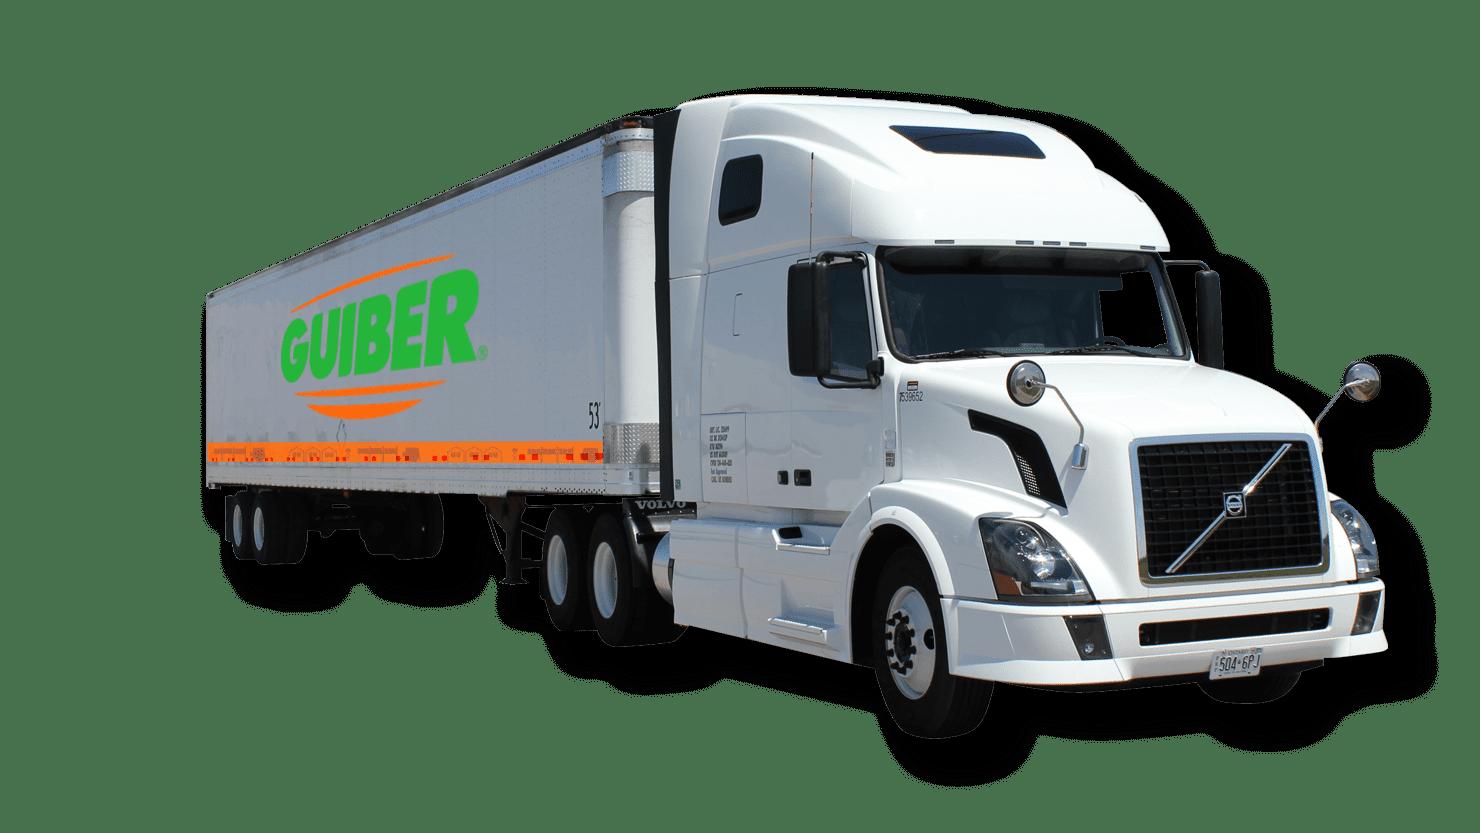 guiber truck